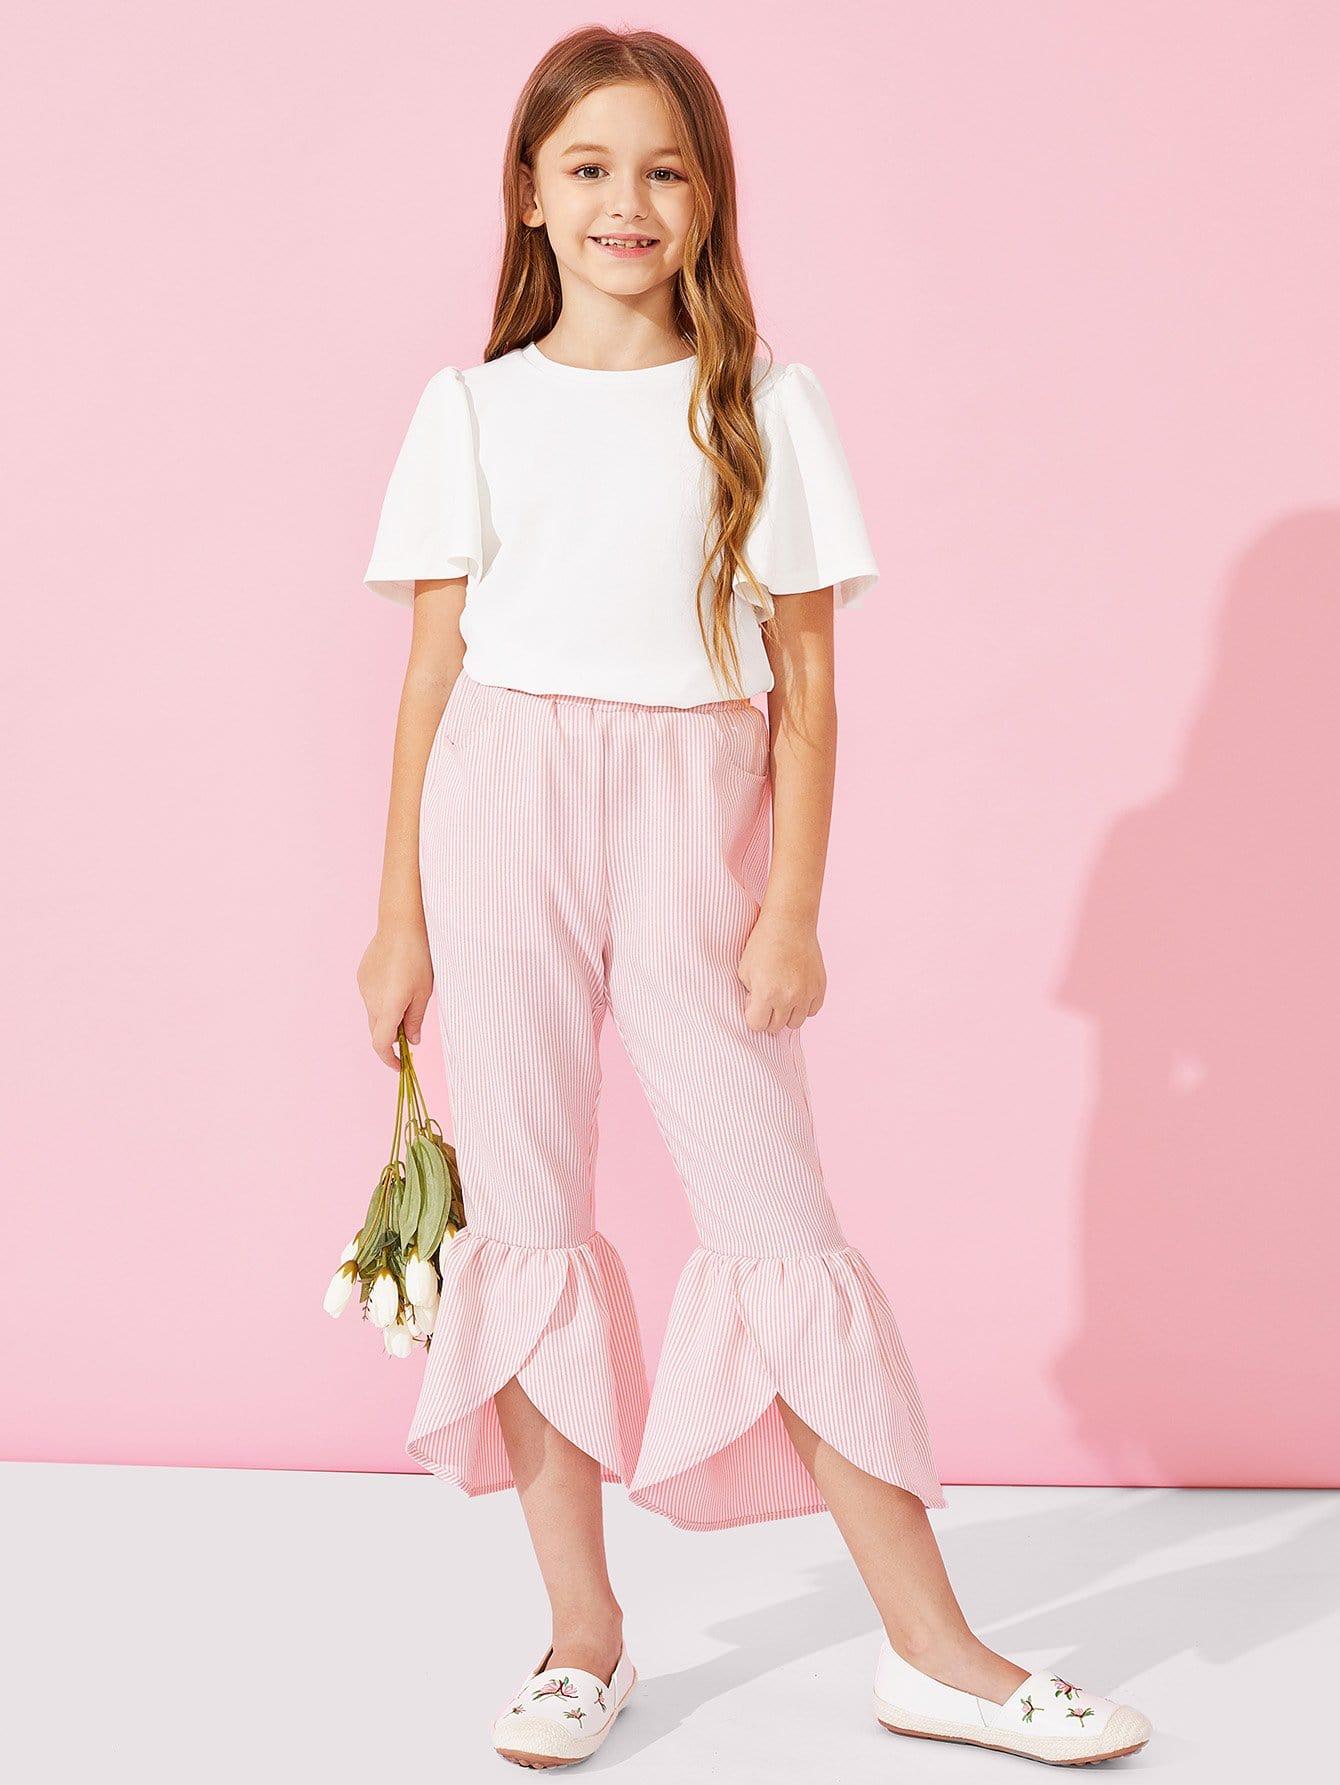 Купить Для девочик брюки-клёш с басоном эластичным, Sashab, SheIn